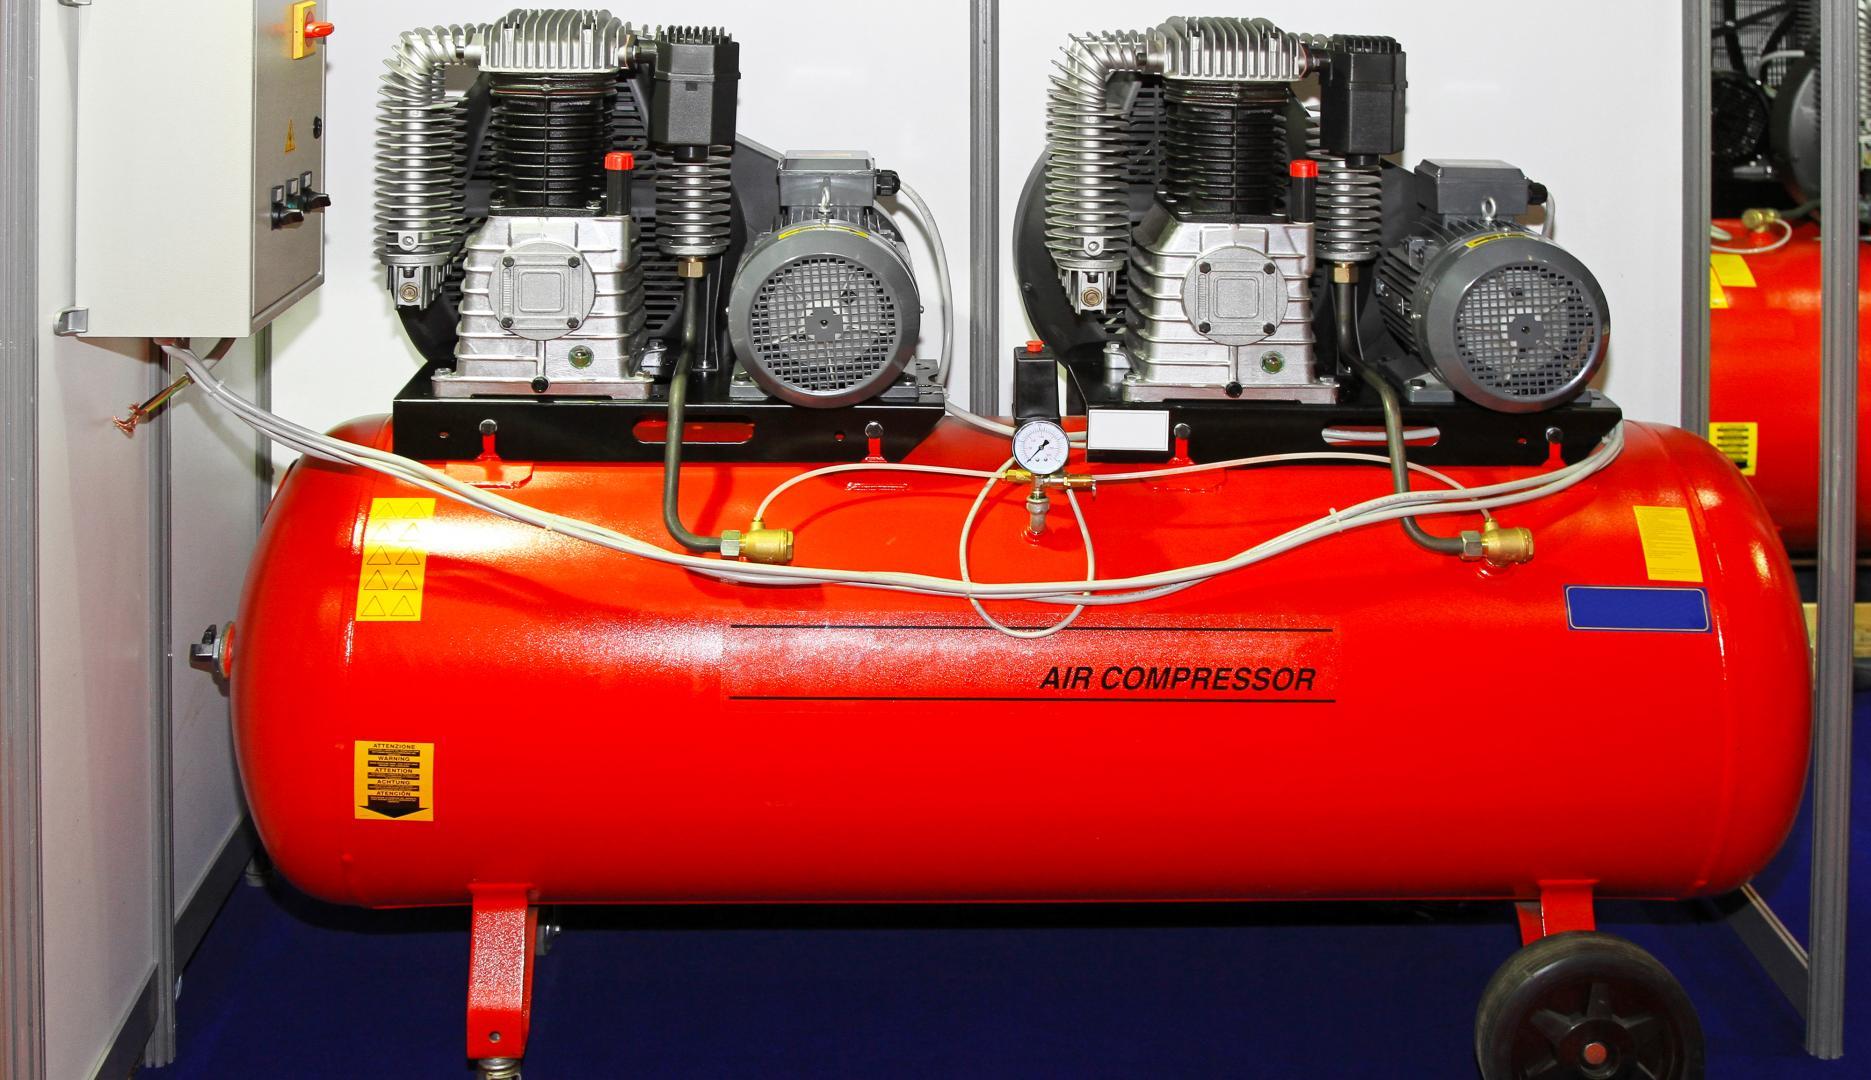 Compresseur d air lens valenciennes b thune 09 70 35 - Compresseur pour sablage ...